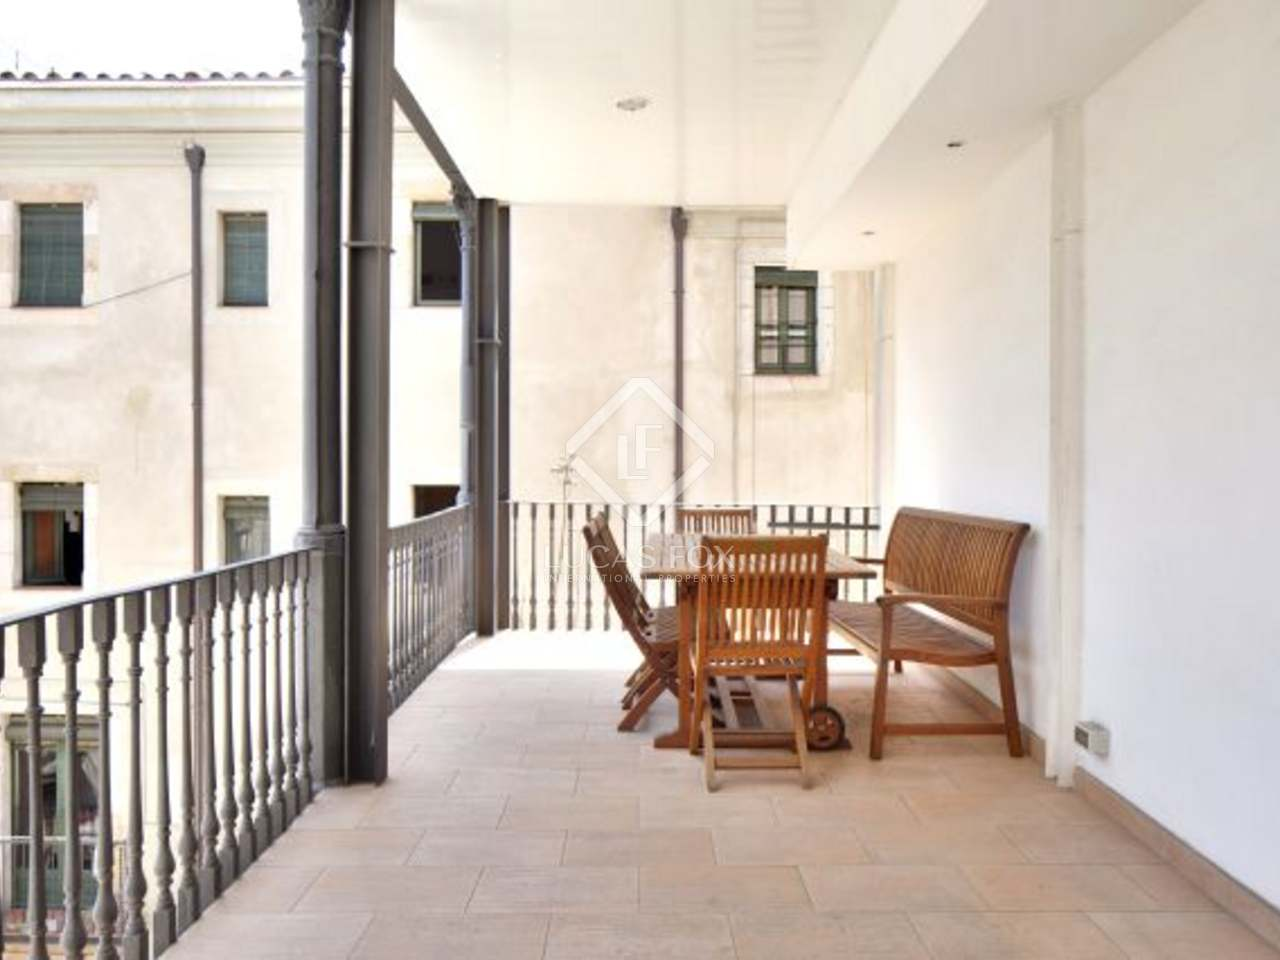 Appartement en vente dans le quartier gothique de barcelone - Appartement vente barcelone ...